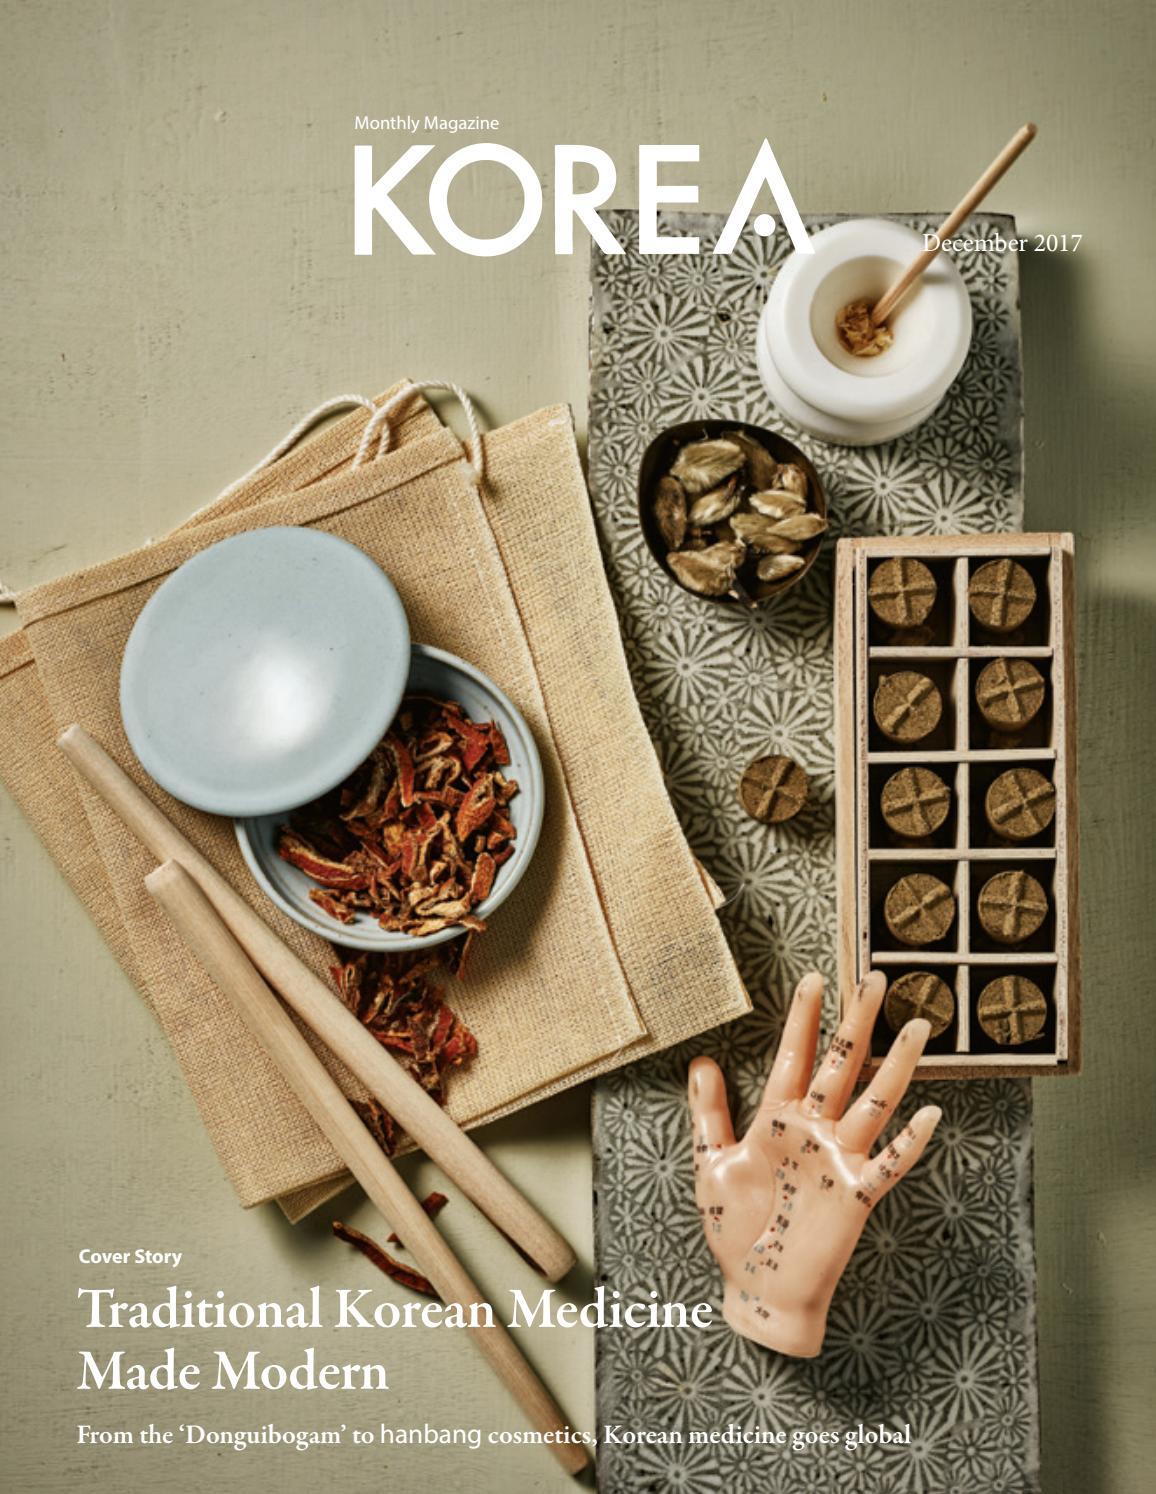 Korea magazine 7 by KOCIS - issuu